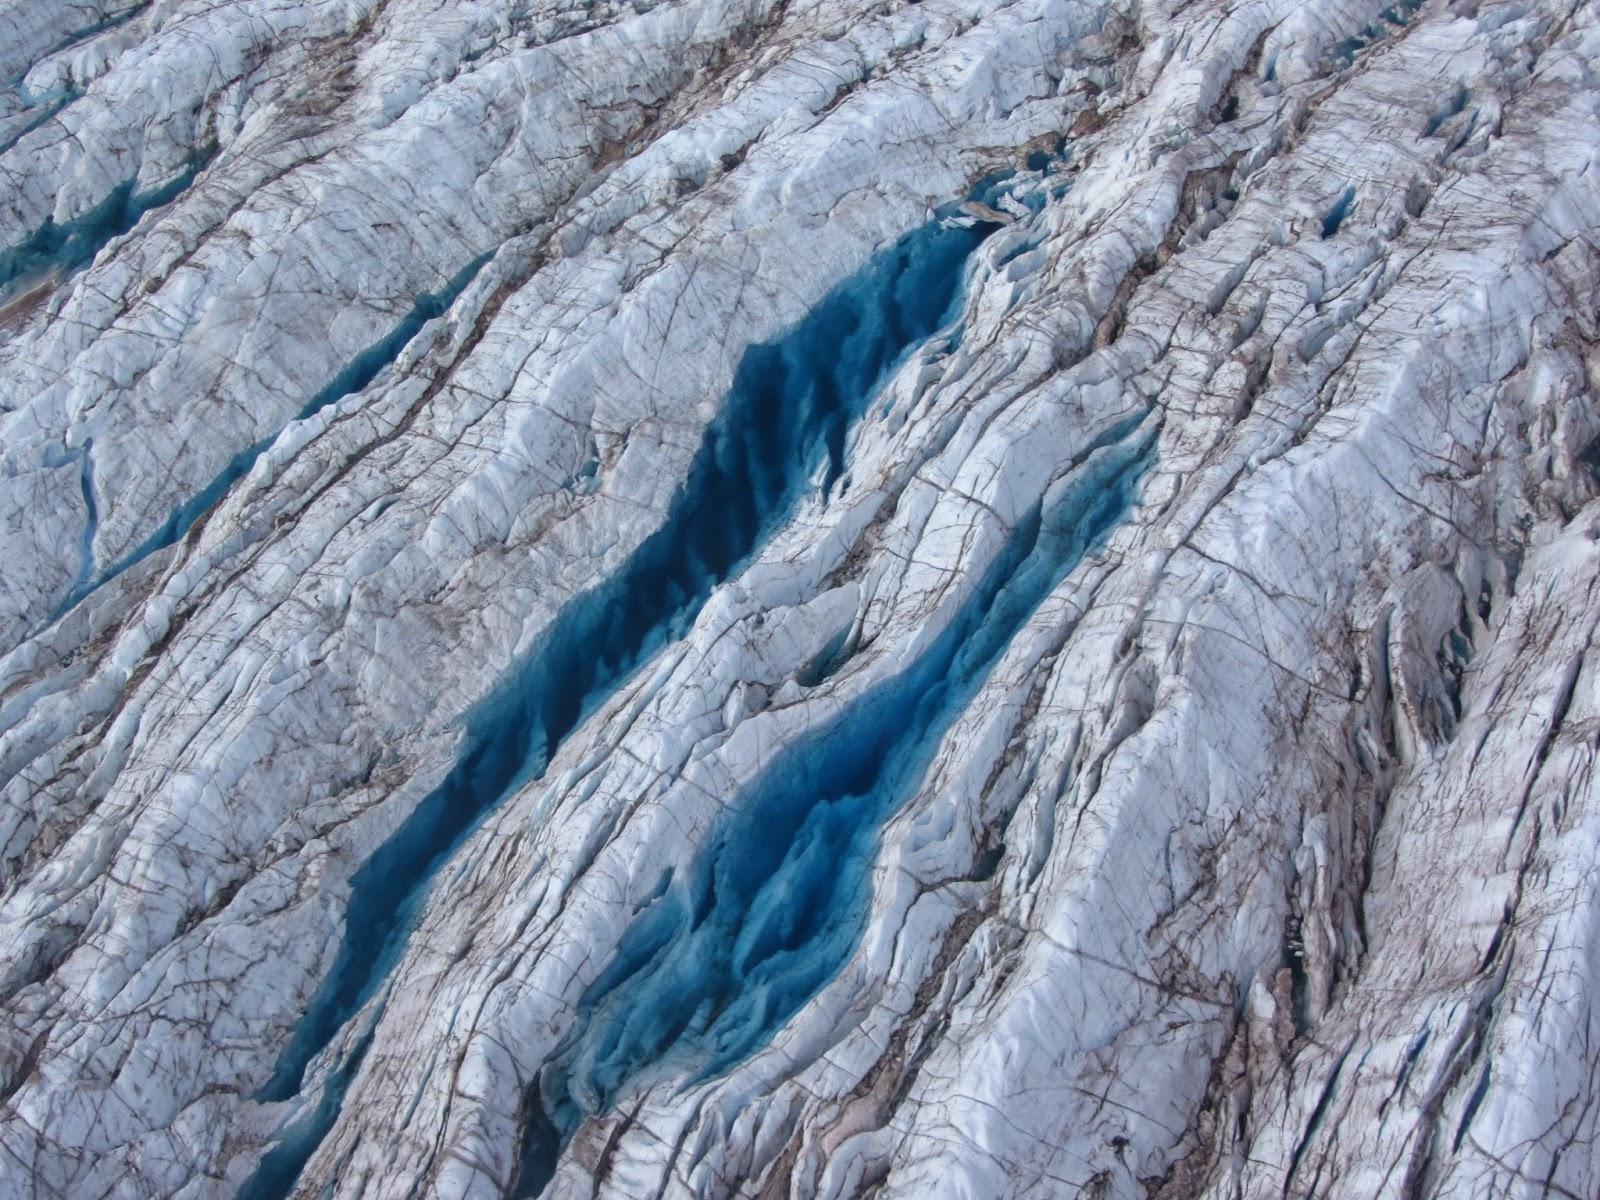 VISITAR A GRONELÂNDIA | Lugares e experiências incríveis na Gronelândia (Groenlândia)